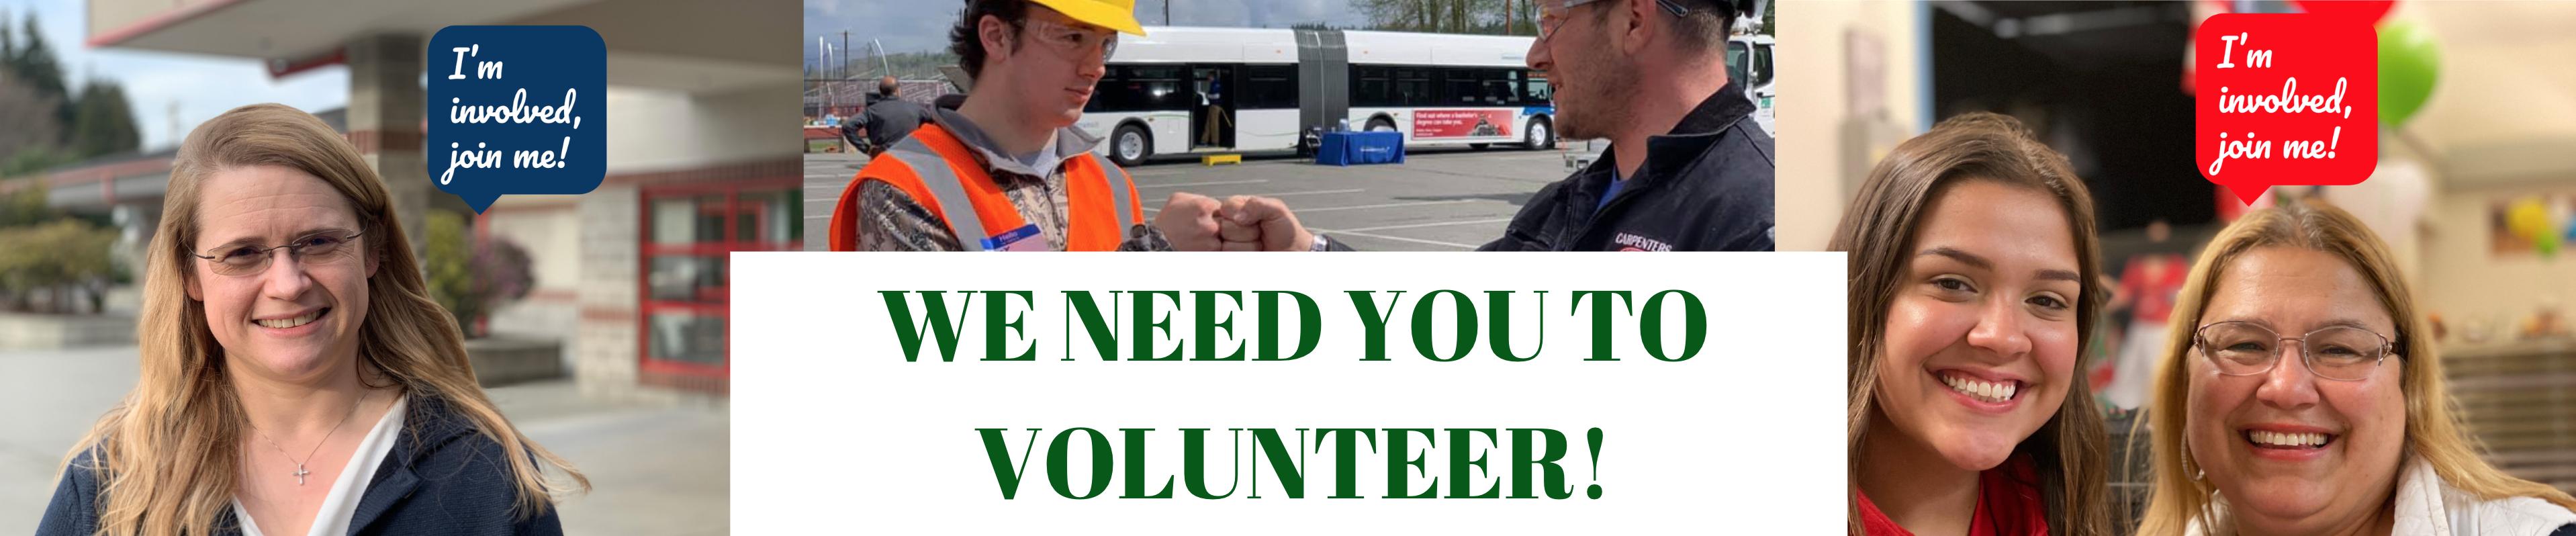 We need you to volunteer!